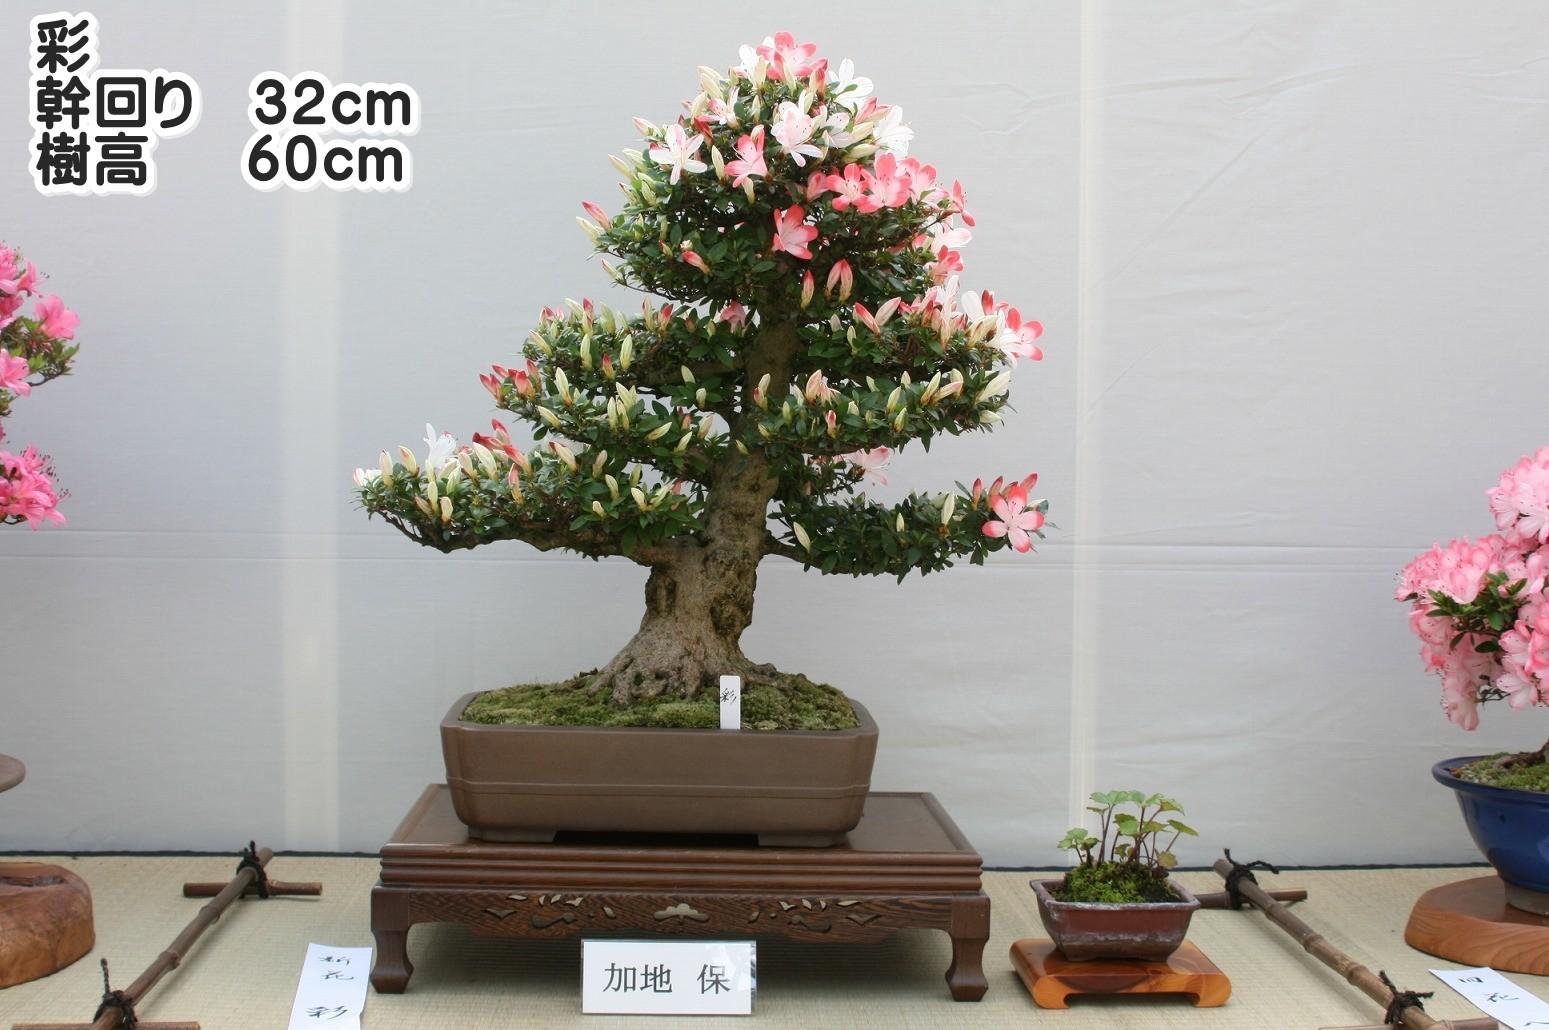 彩 幹周り32cm 樹高60cm